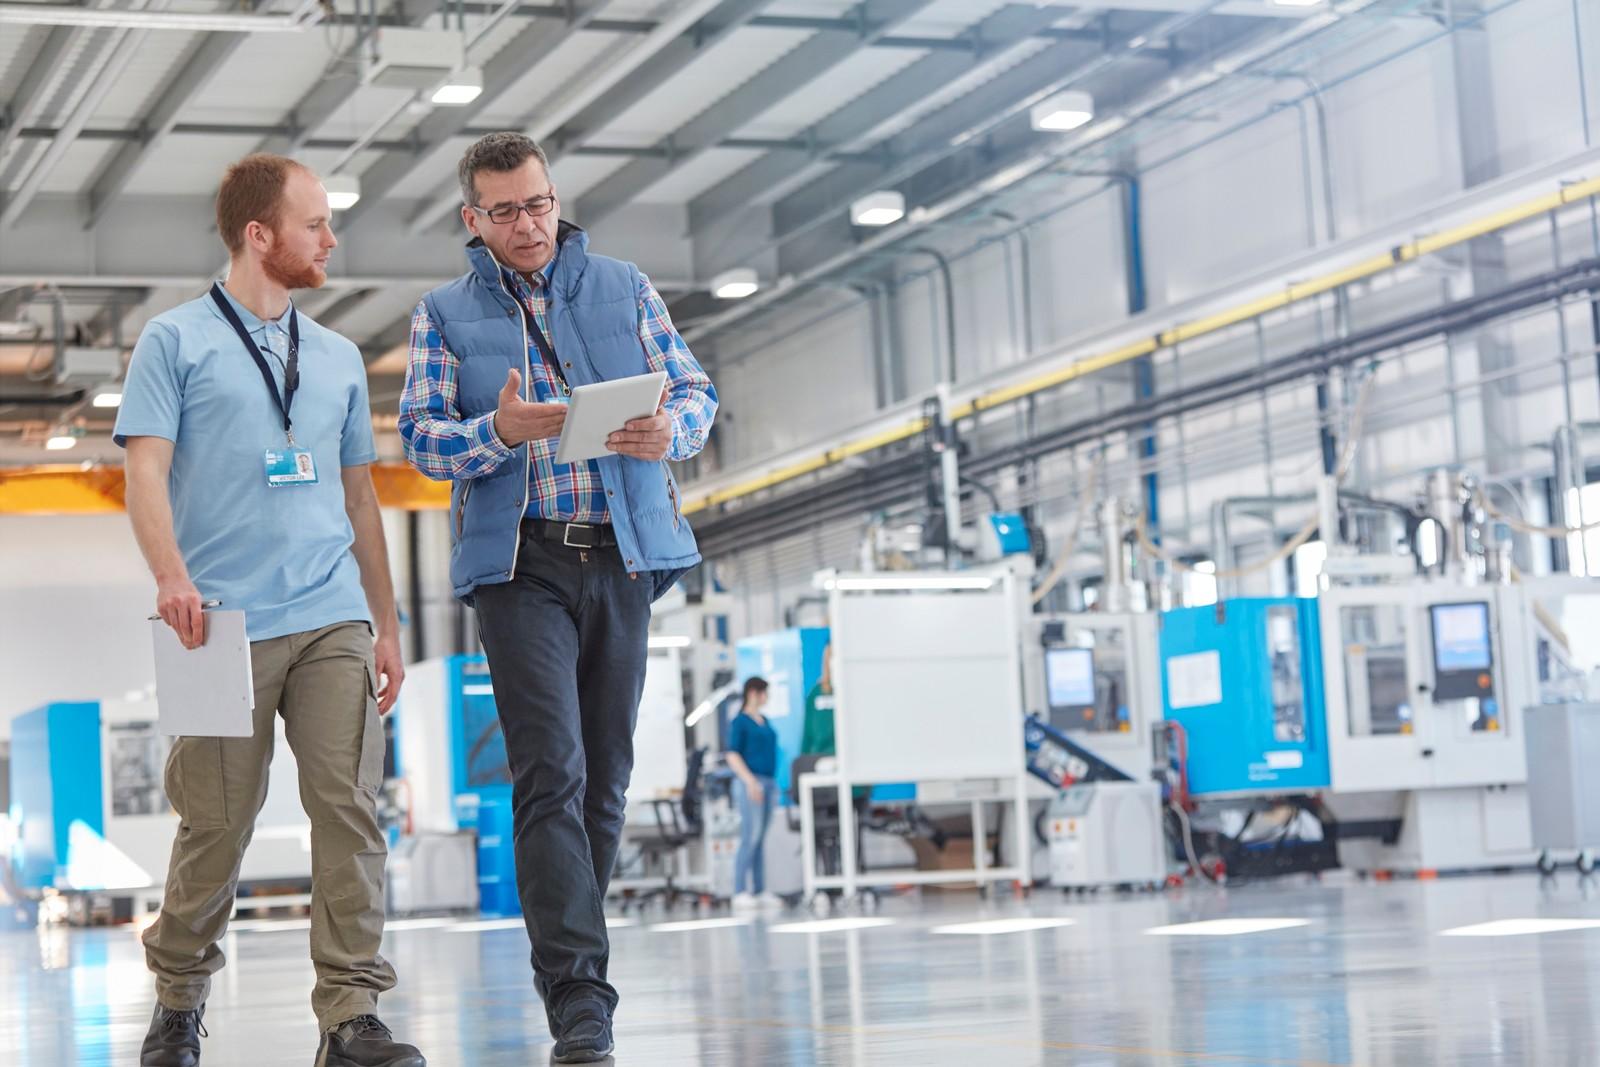 Die Tech-Days richten sich nach den auf der Hannover Messe vorgestellten sechs Bossard Assembly Technology Expert Services. Beim Expert Walk steht die detaillierte Analyse der Produktions- und Montageprozesse im Vordergrund.